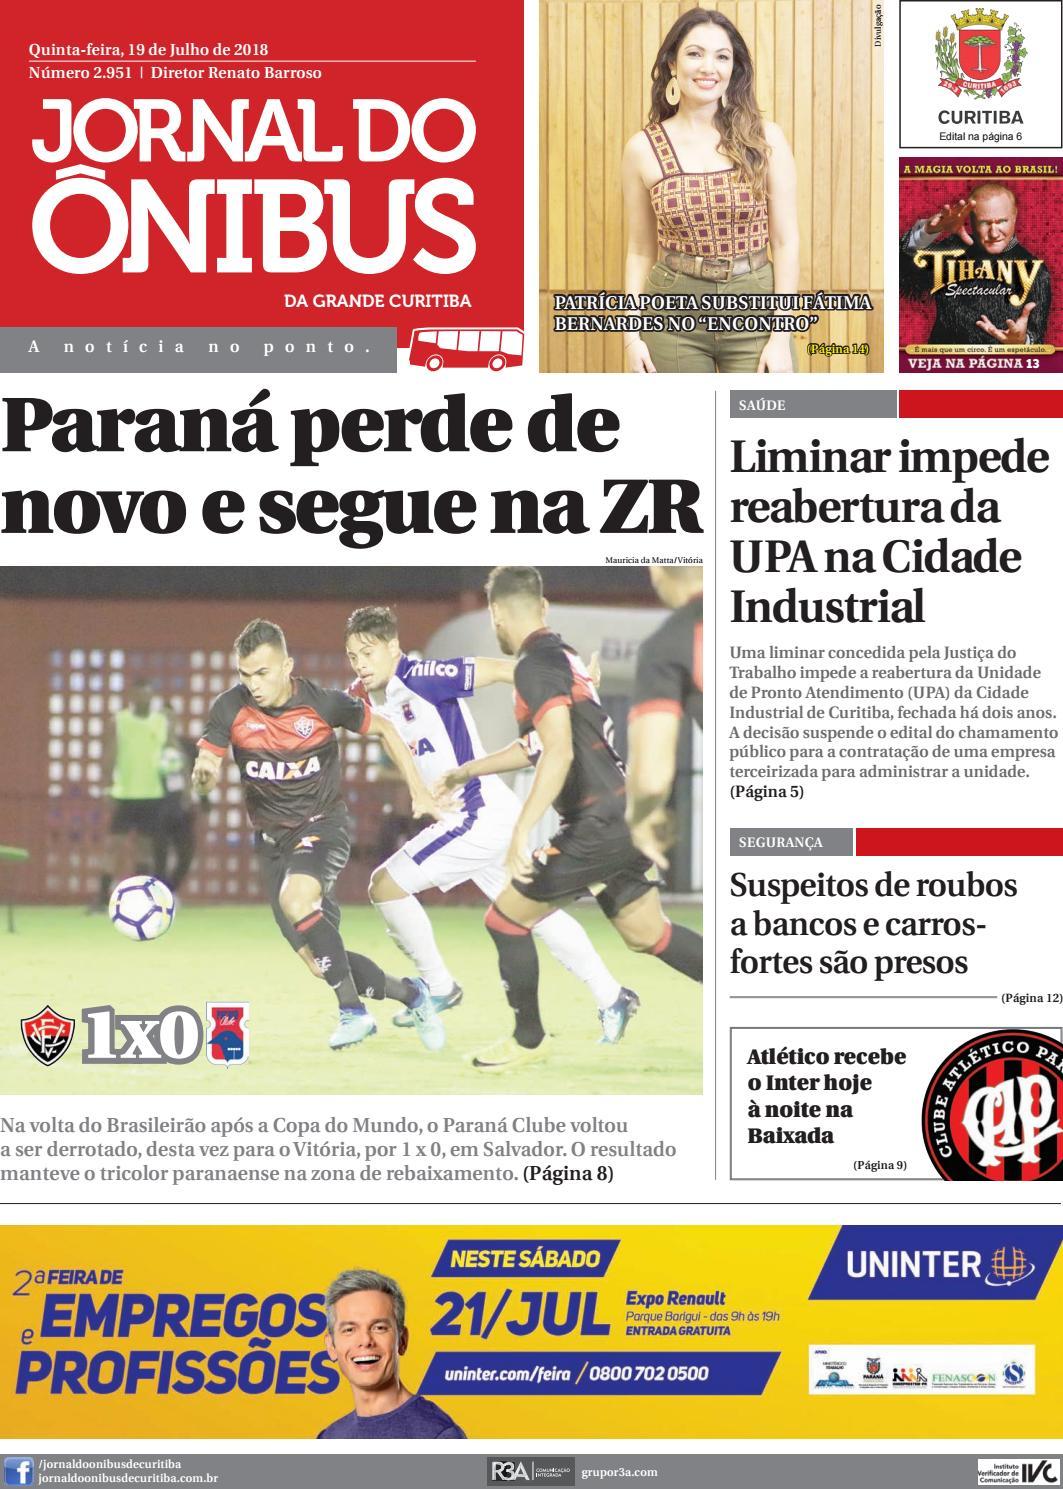 joc 2951 by Editora Correio Paranaense - issuu 7255a29bd3877